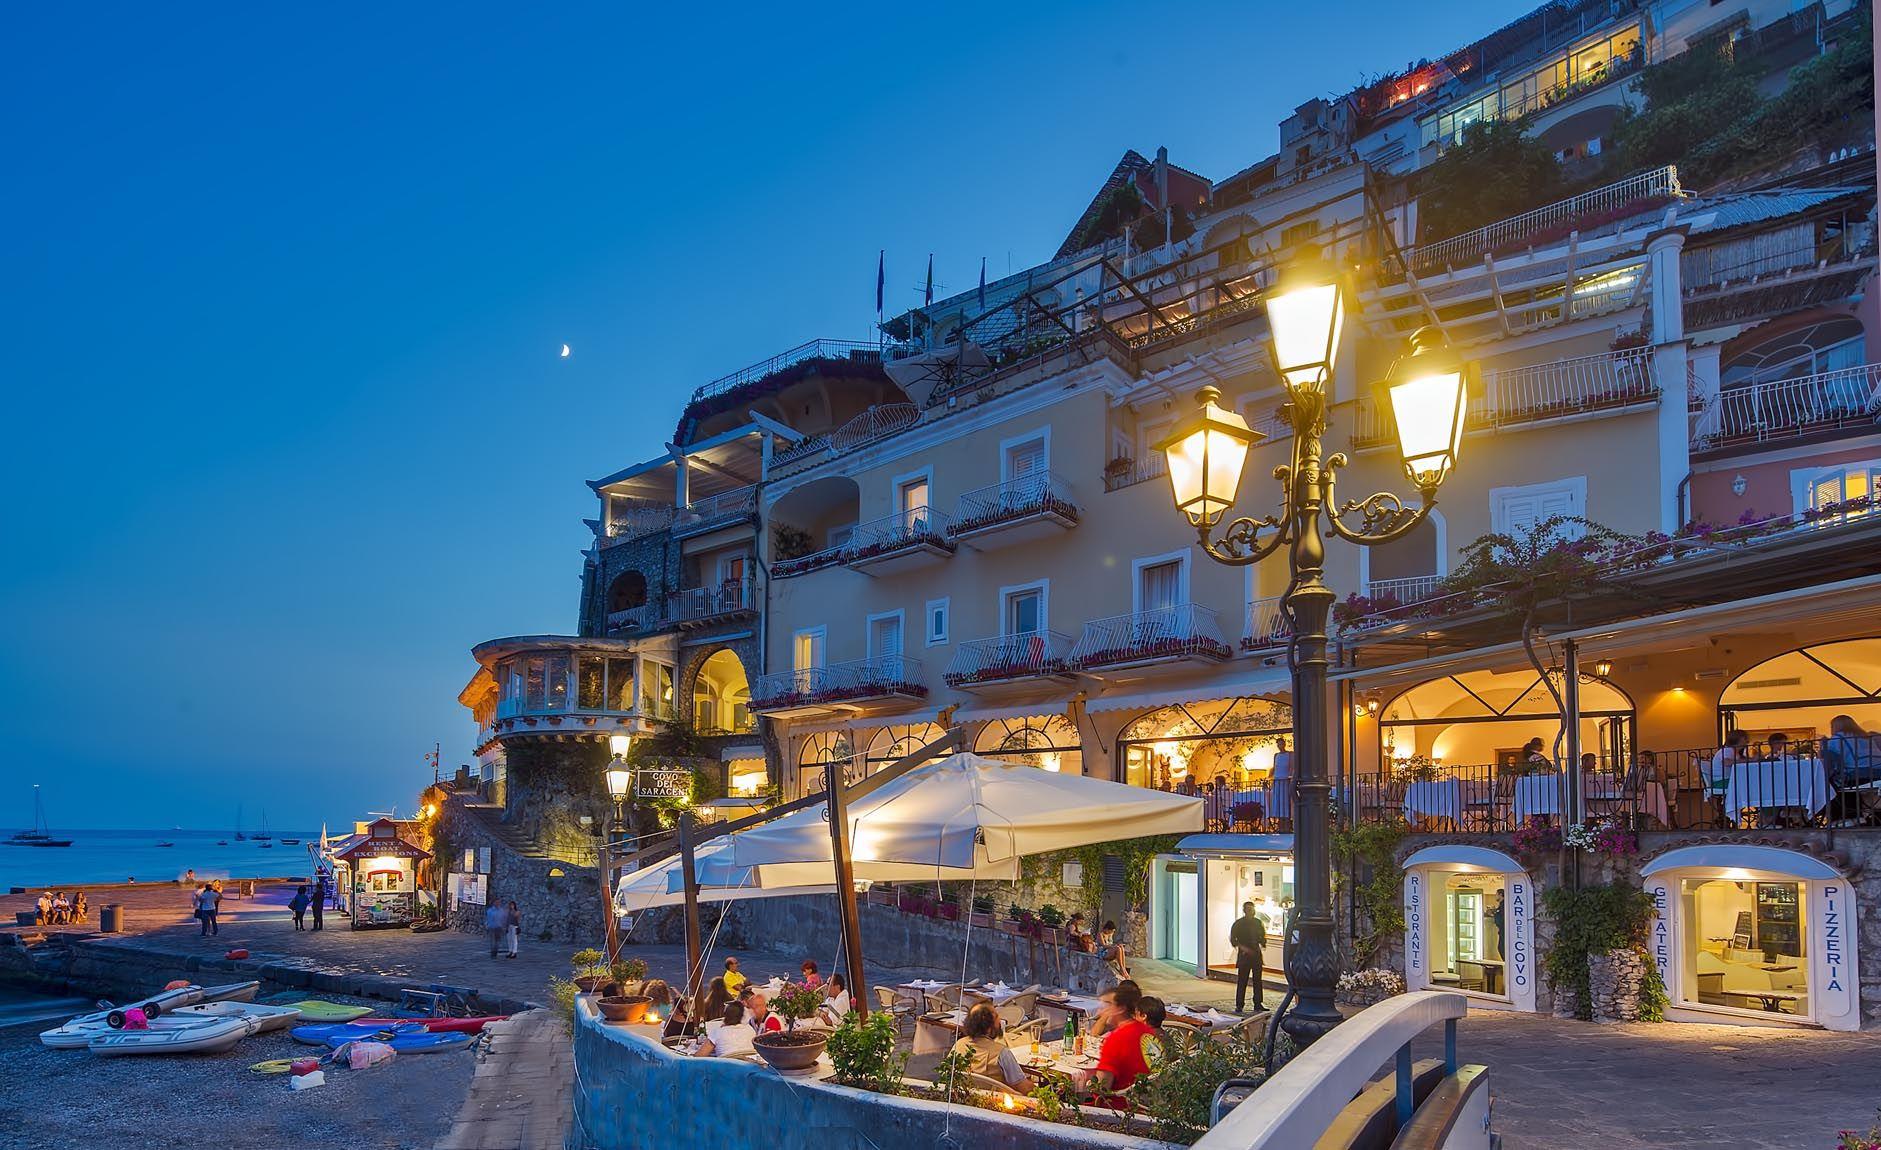 Amalfi coast honeymoon hotels 2018 world 39 s best hotels for Hotel luxury amalfi